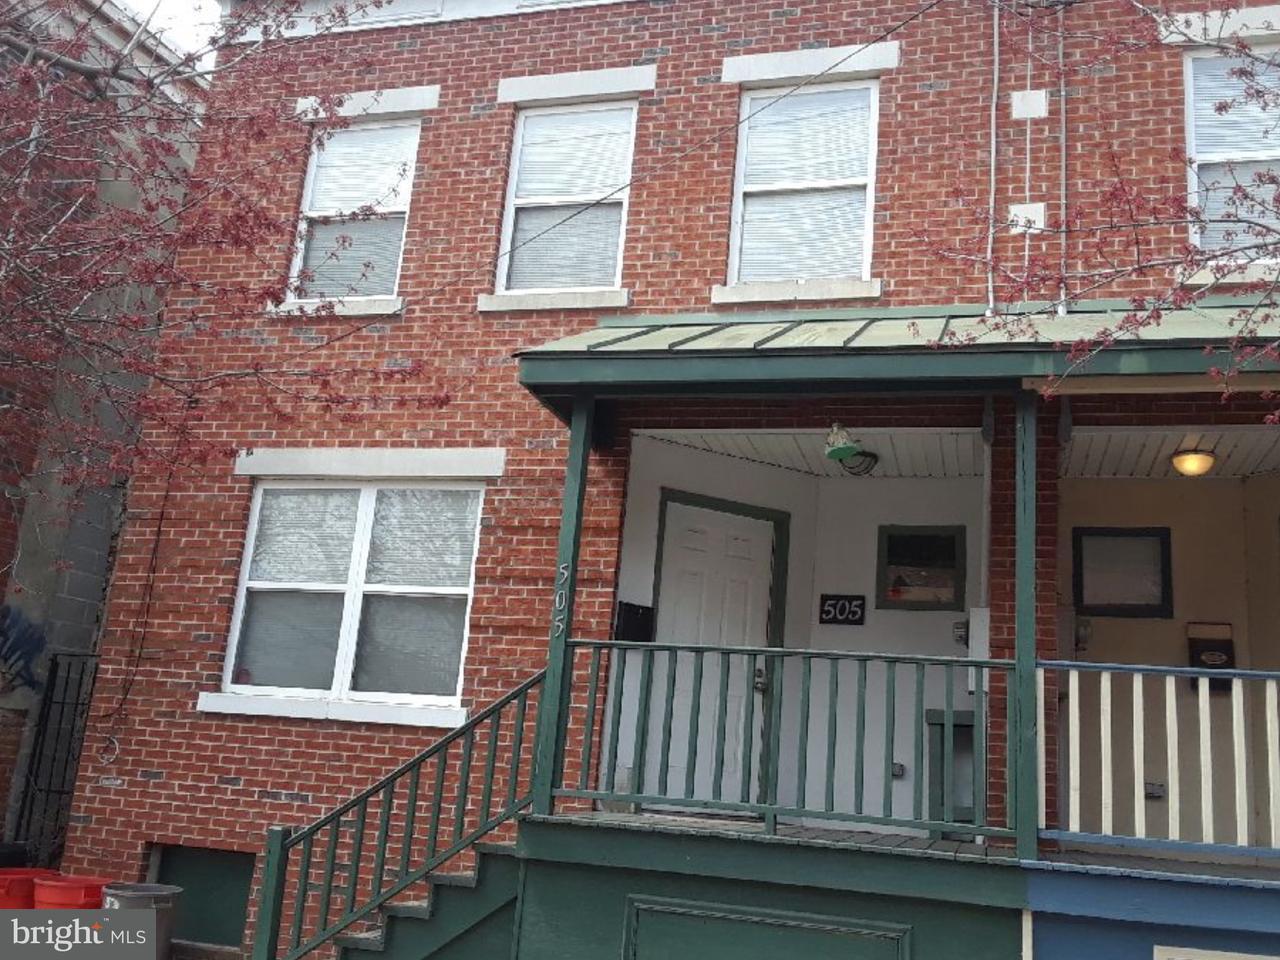 Частный односемейный дом для того Продажа на 505 S 6TH Street Camden, Нью-Джерси 08103 Соединенные Штаты